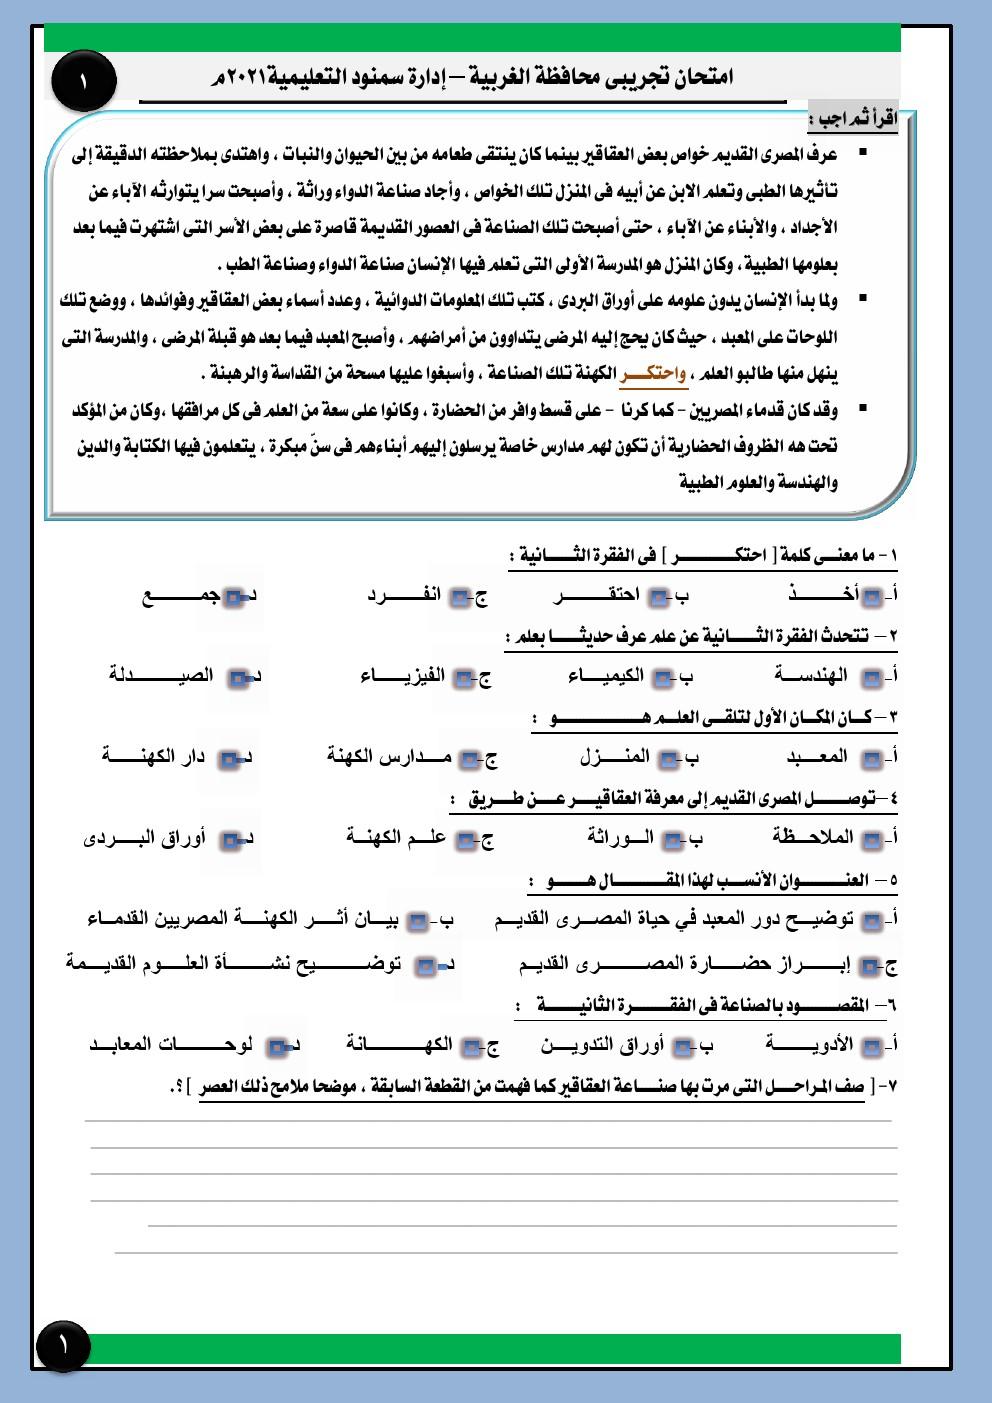 البوكليت الاول لغة عربية للصف الثالث الثانوى نظام جديد 2021